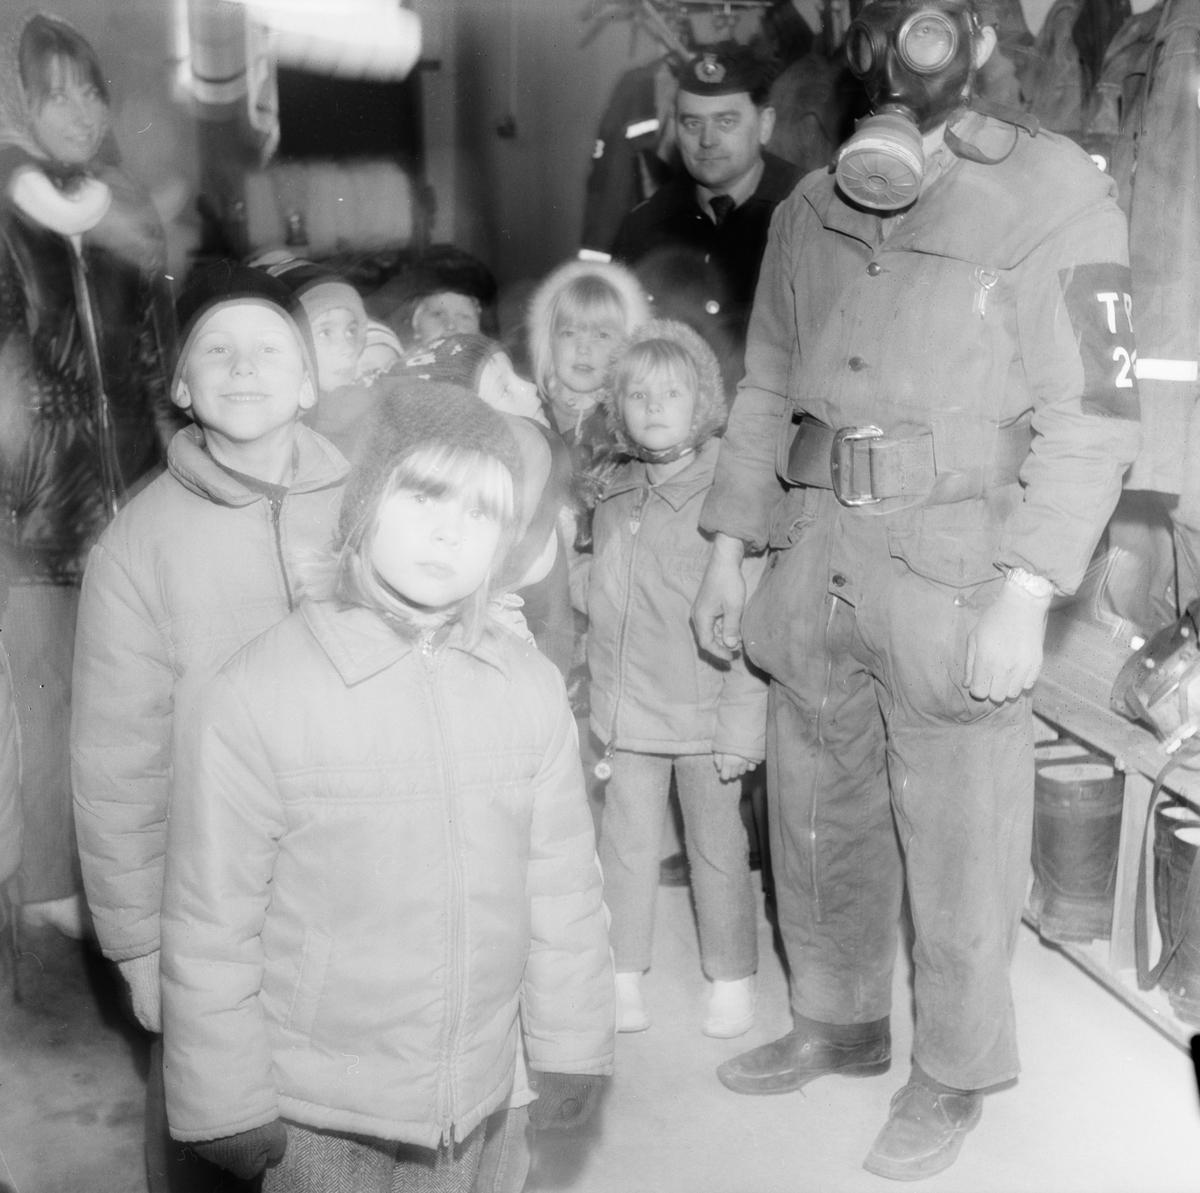 Förskolebarn besöker brandkåren i Tierp, Uppland maj 1971